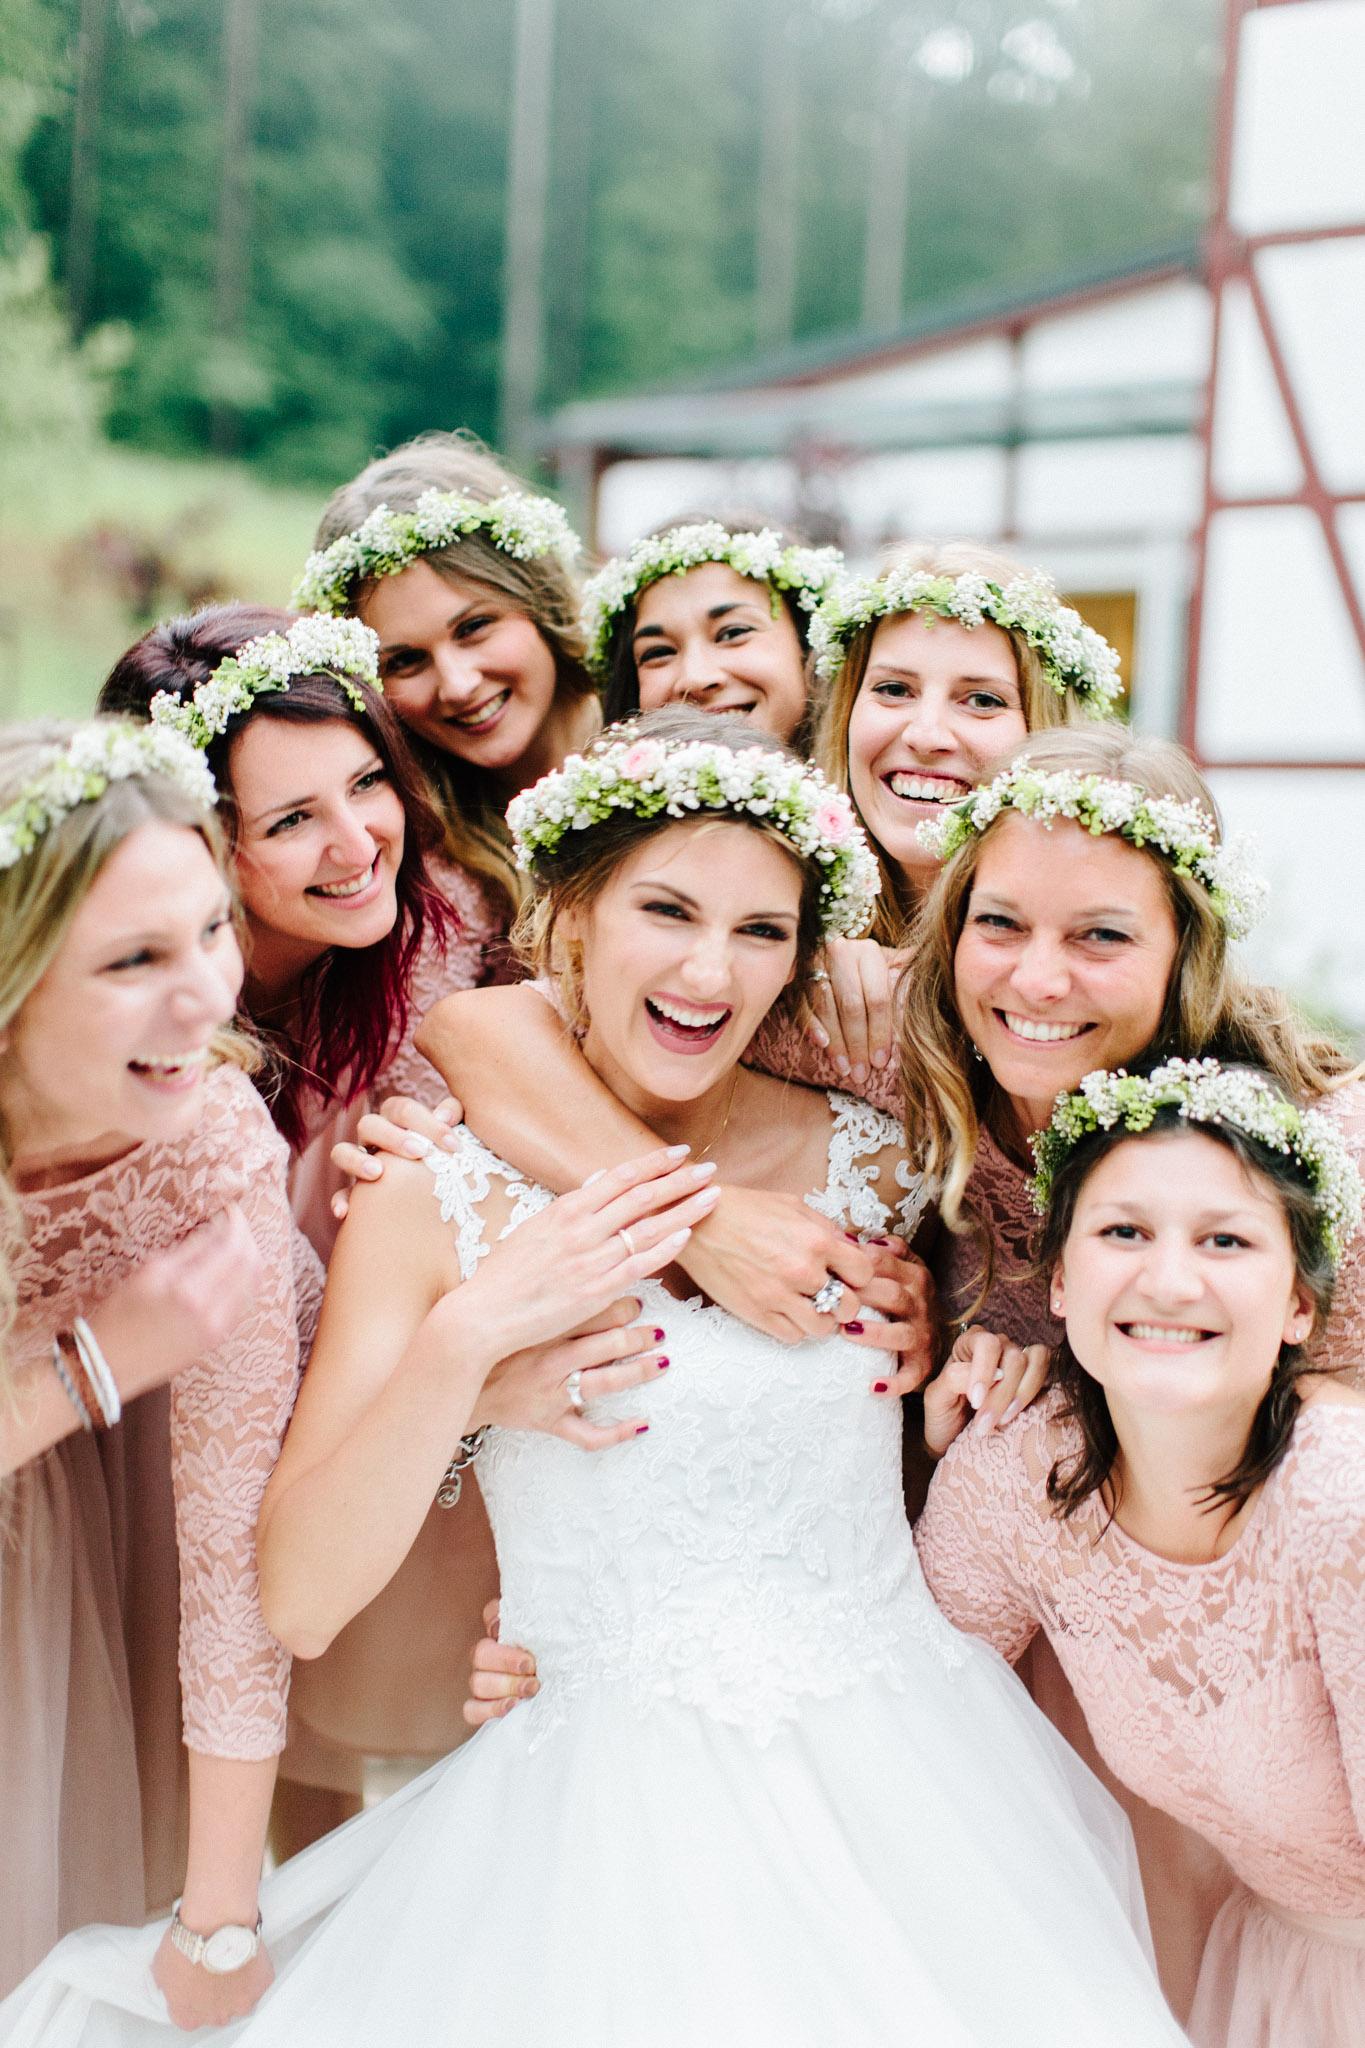 Nordhausen-Harz-Hochzeit-Pia-Anna-Christian-Wedding-Photography-LM-75.jpg